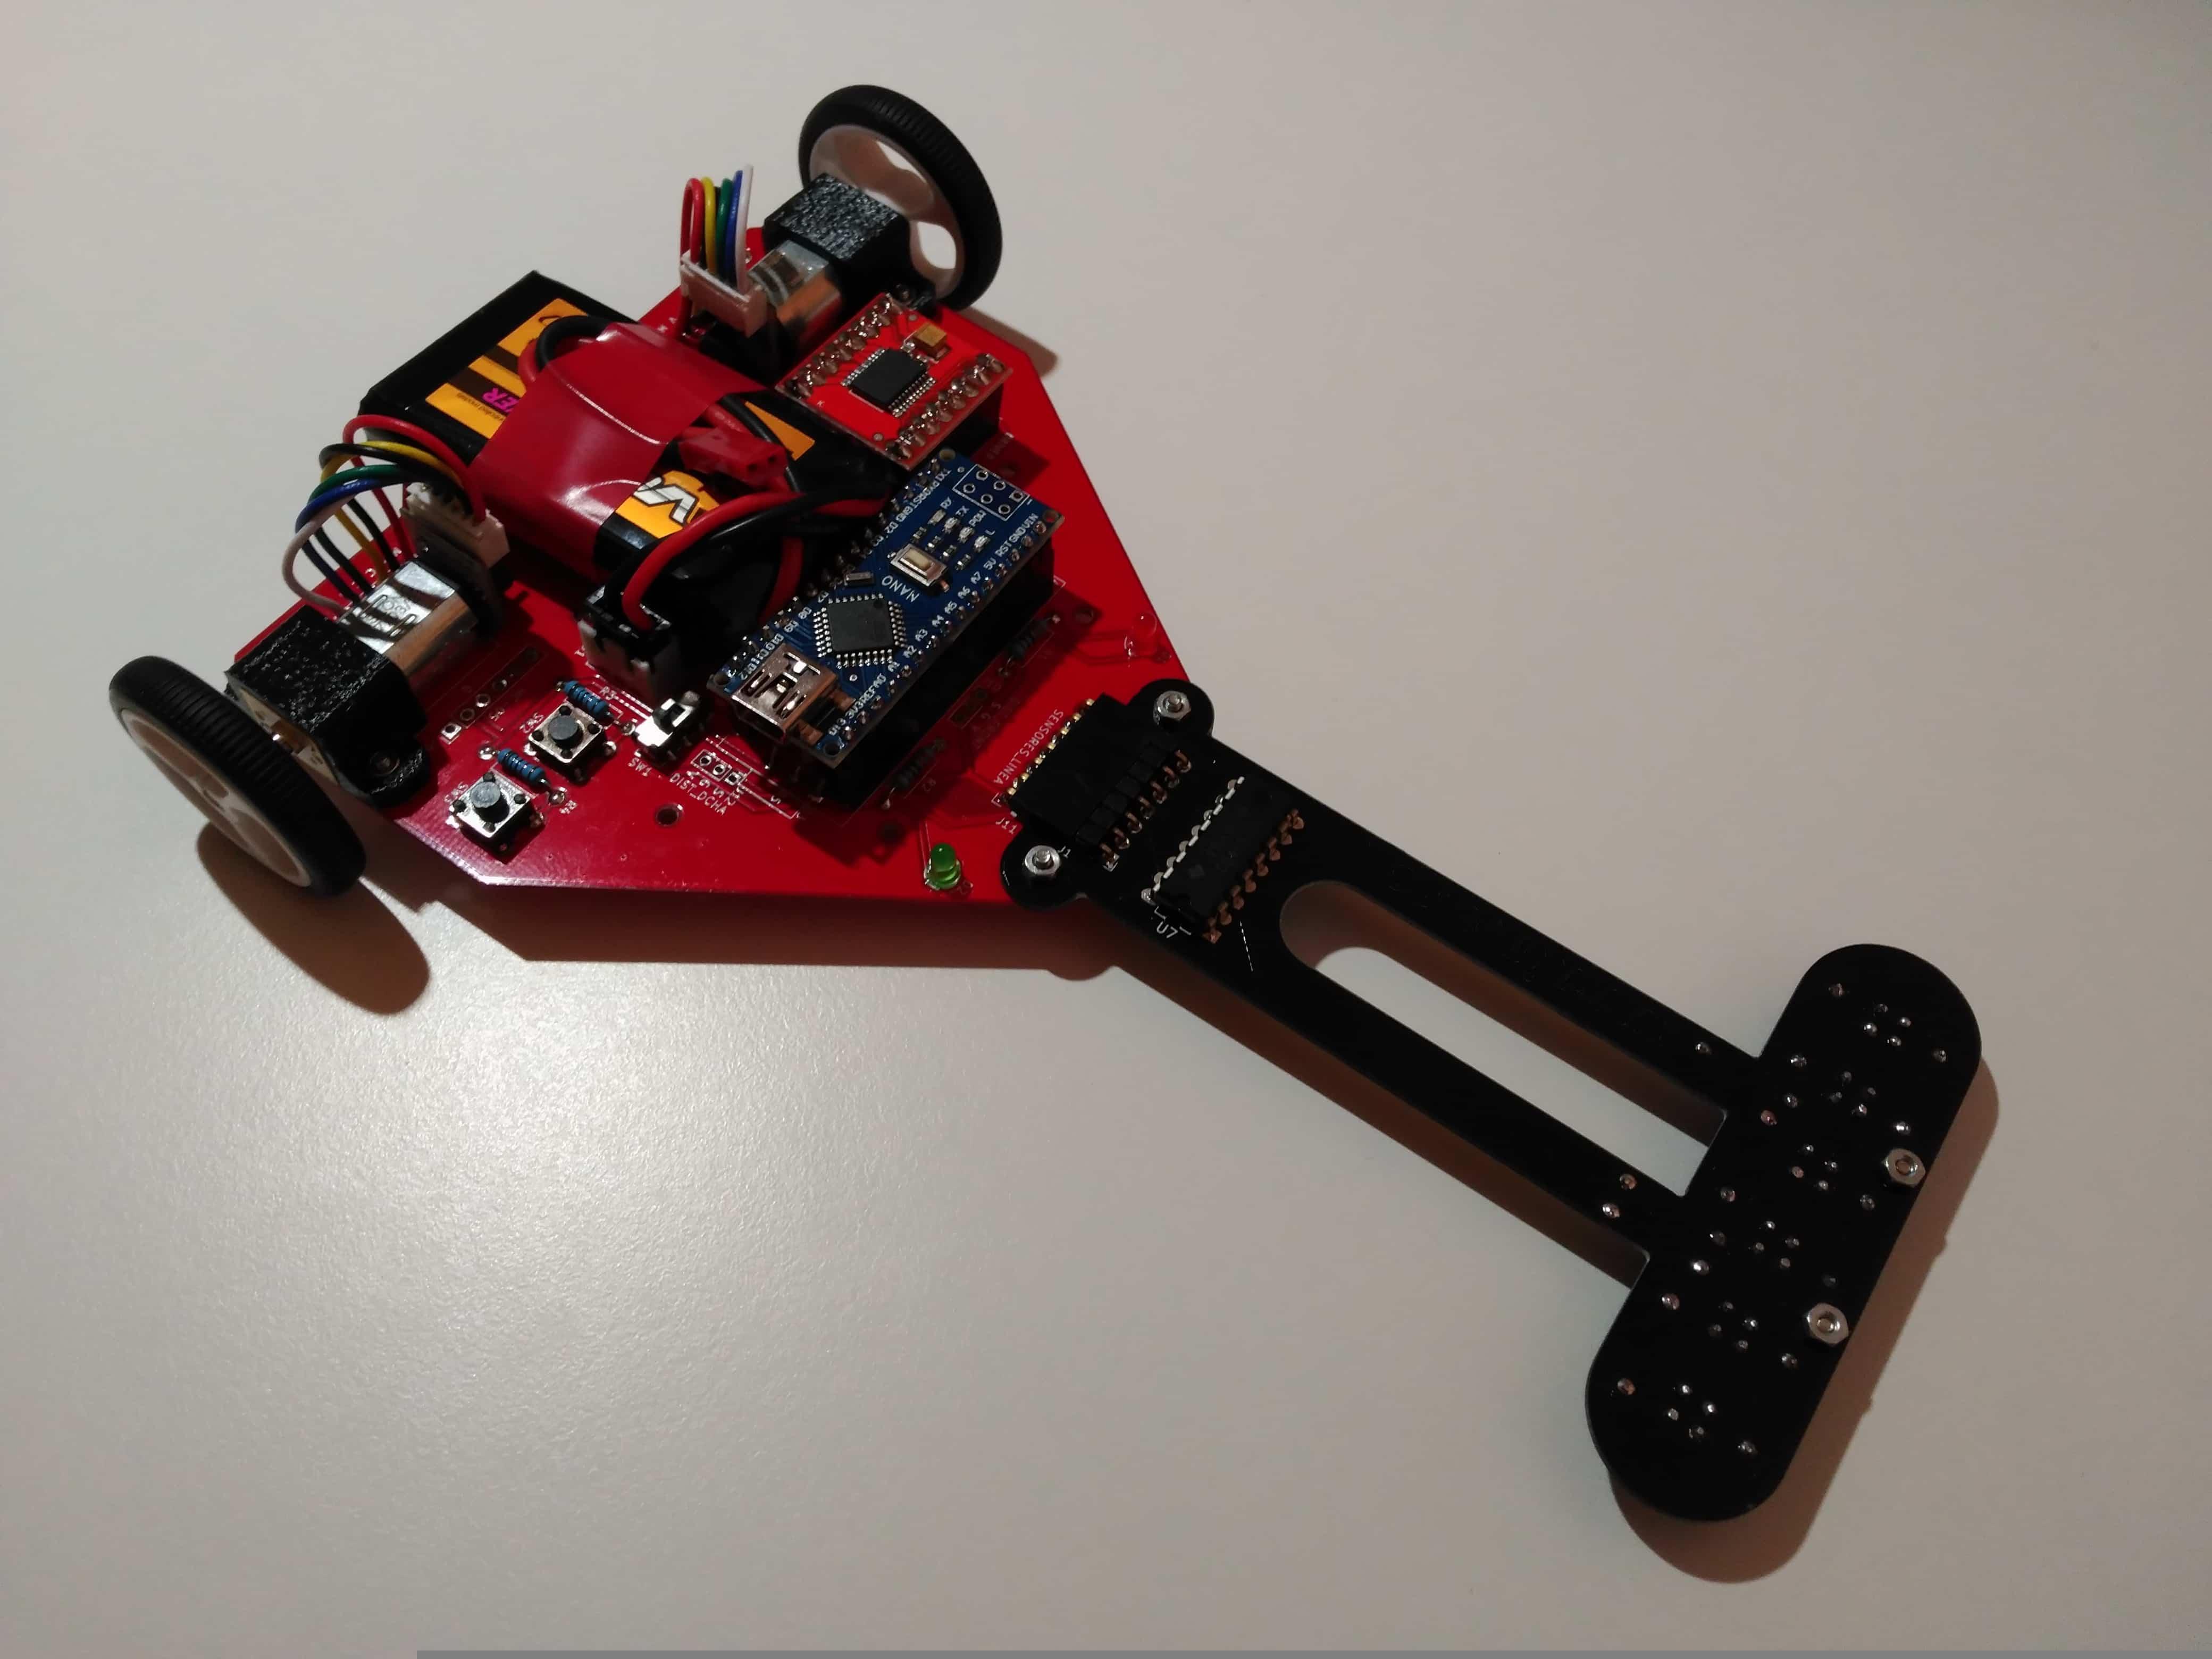 Imagen del robot velocista de hardware abierto Cyclops